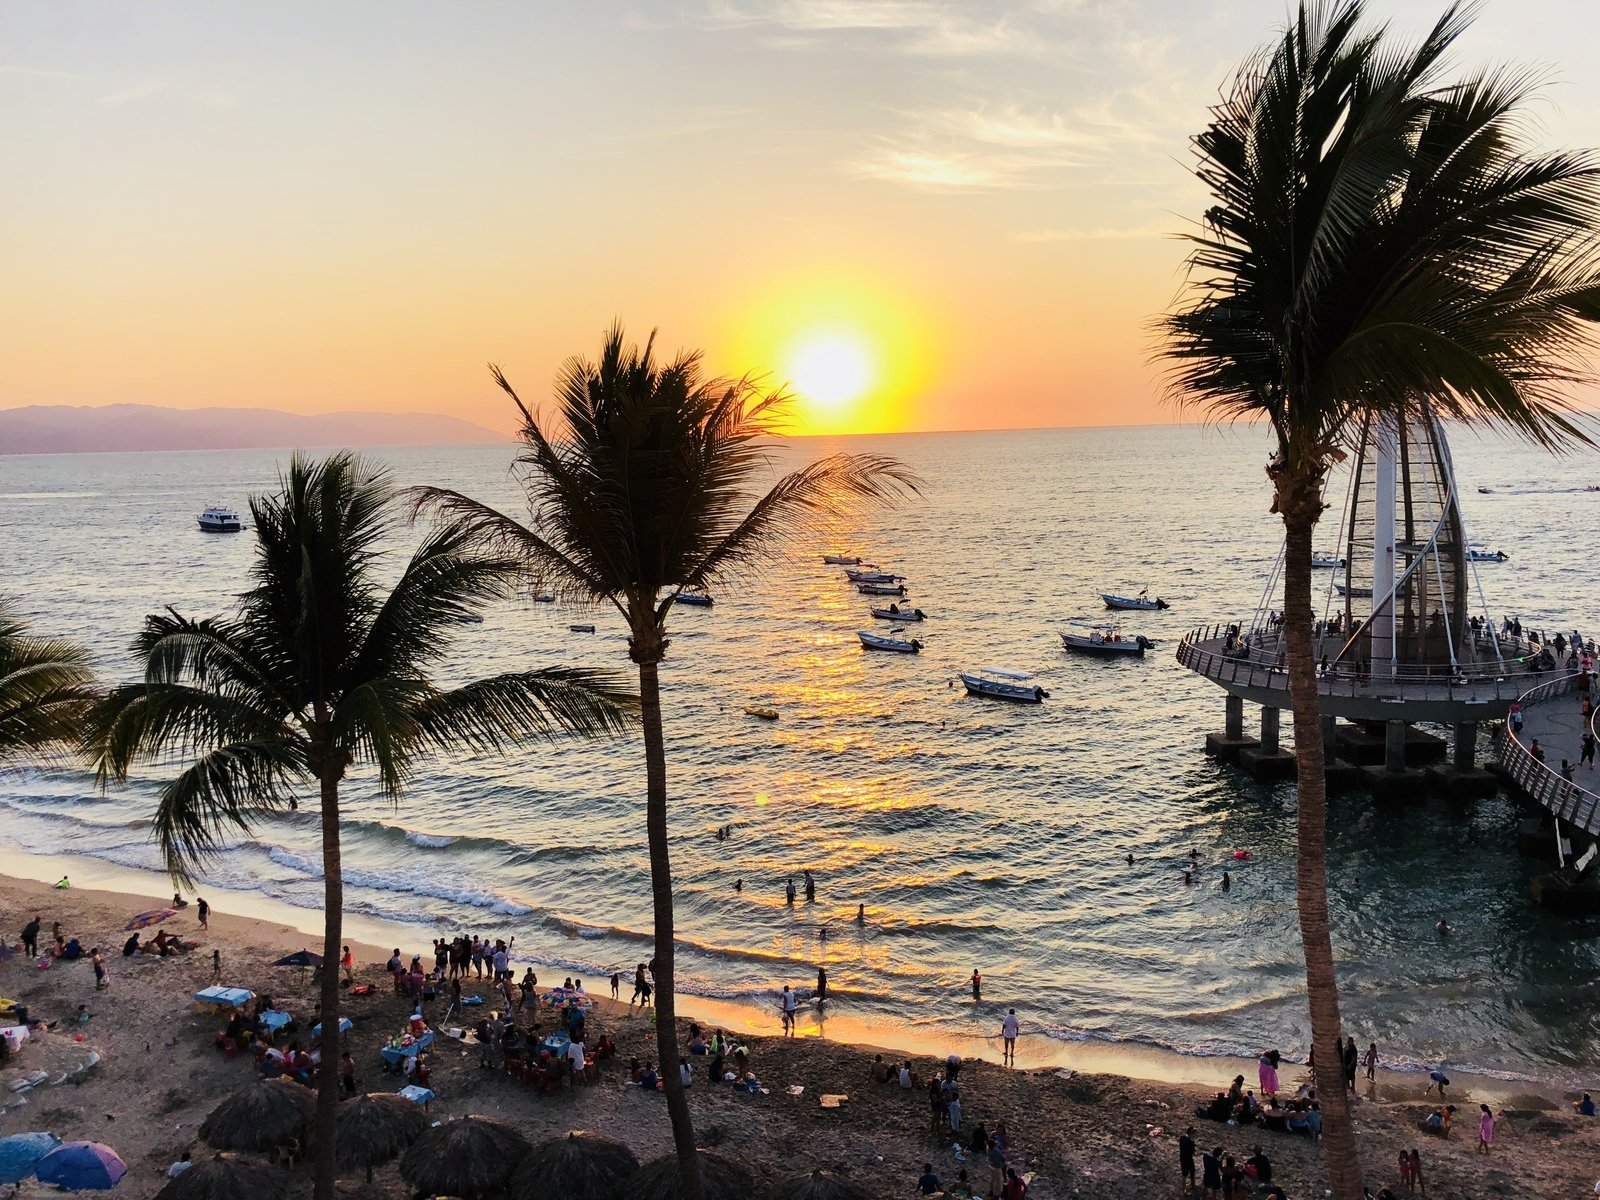 11 Best activities in Puerto Vallarta Mexico - HelpGoAbroad